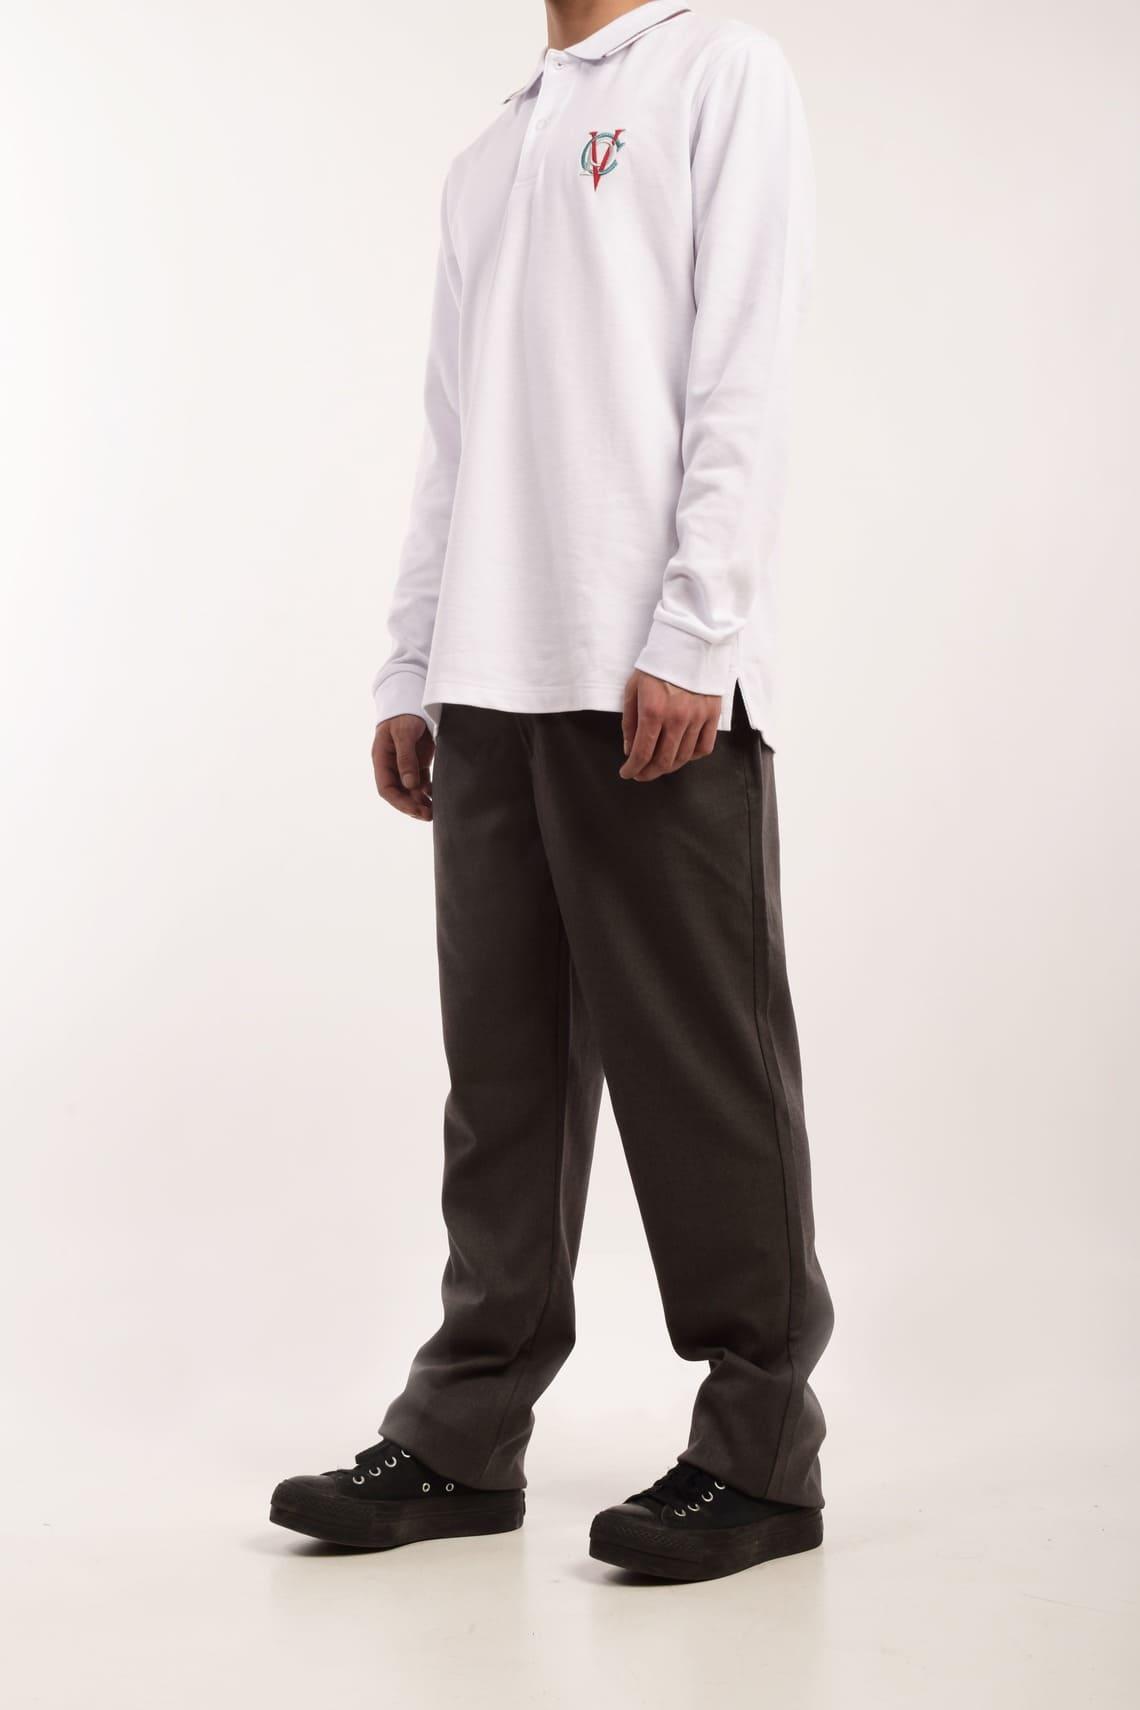 e8214d2d5 Pantalon Vestir Juvenil Niño Topolino CPV Pantalon Vestir Juvenil Niño  Topolino CPV